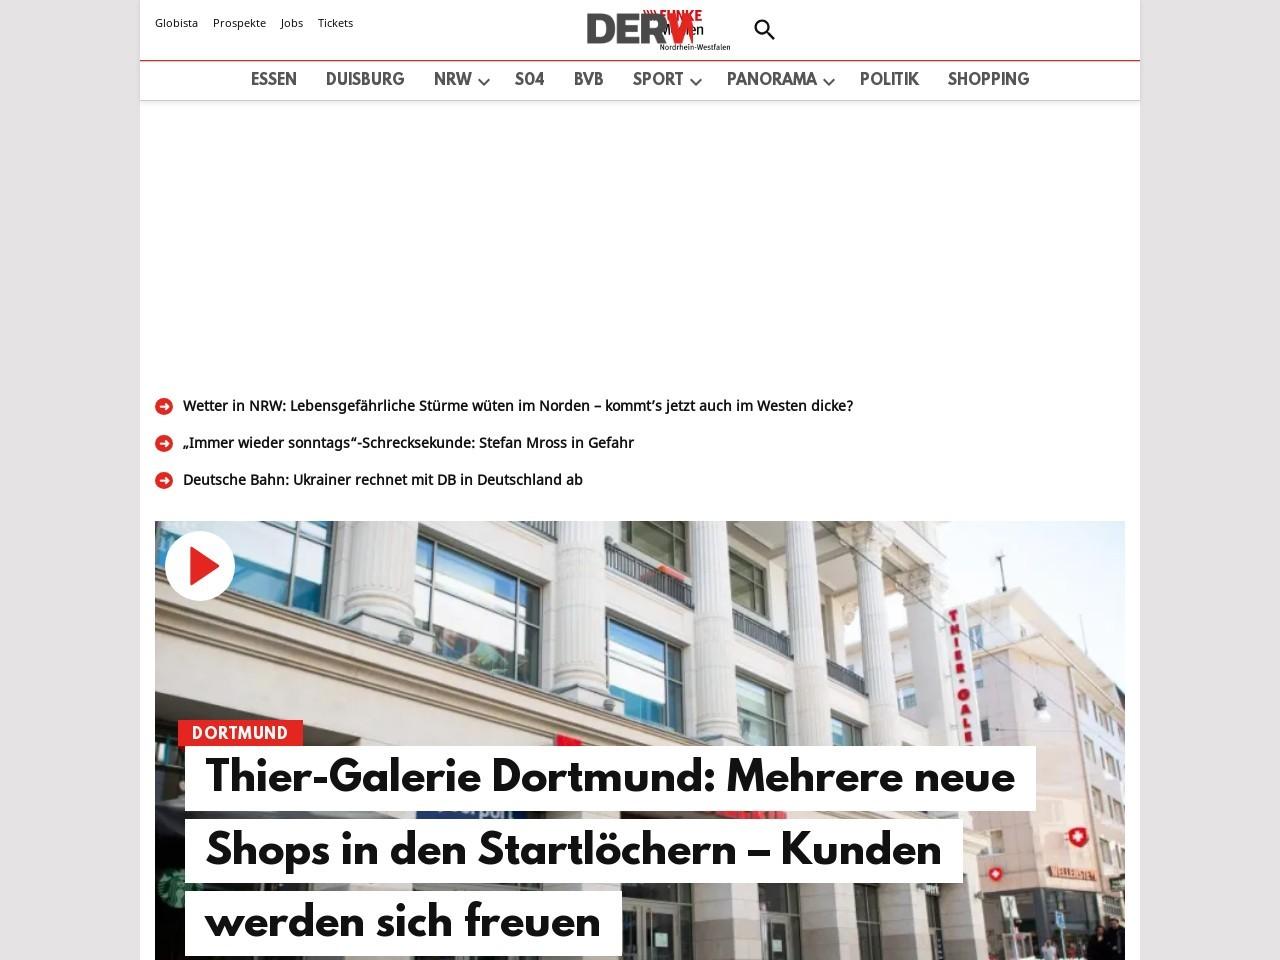 http://www.derwesten.de/staedte/nachrichten-aus-wetter-und-herdecke/buddi-erzaehlt-in-liedern-von-sich-selbst-id4794946.html